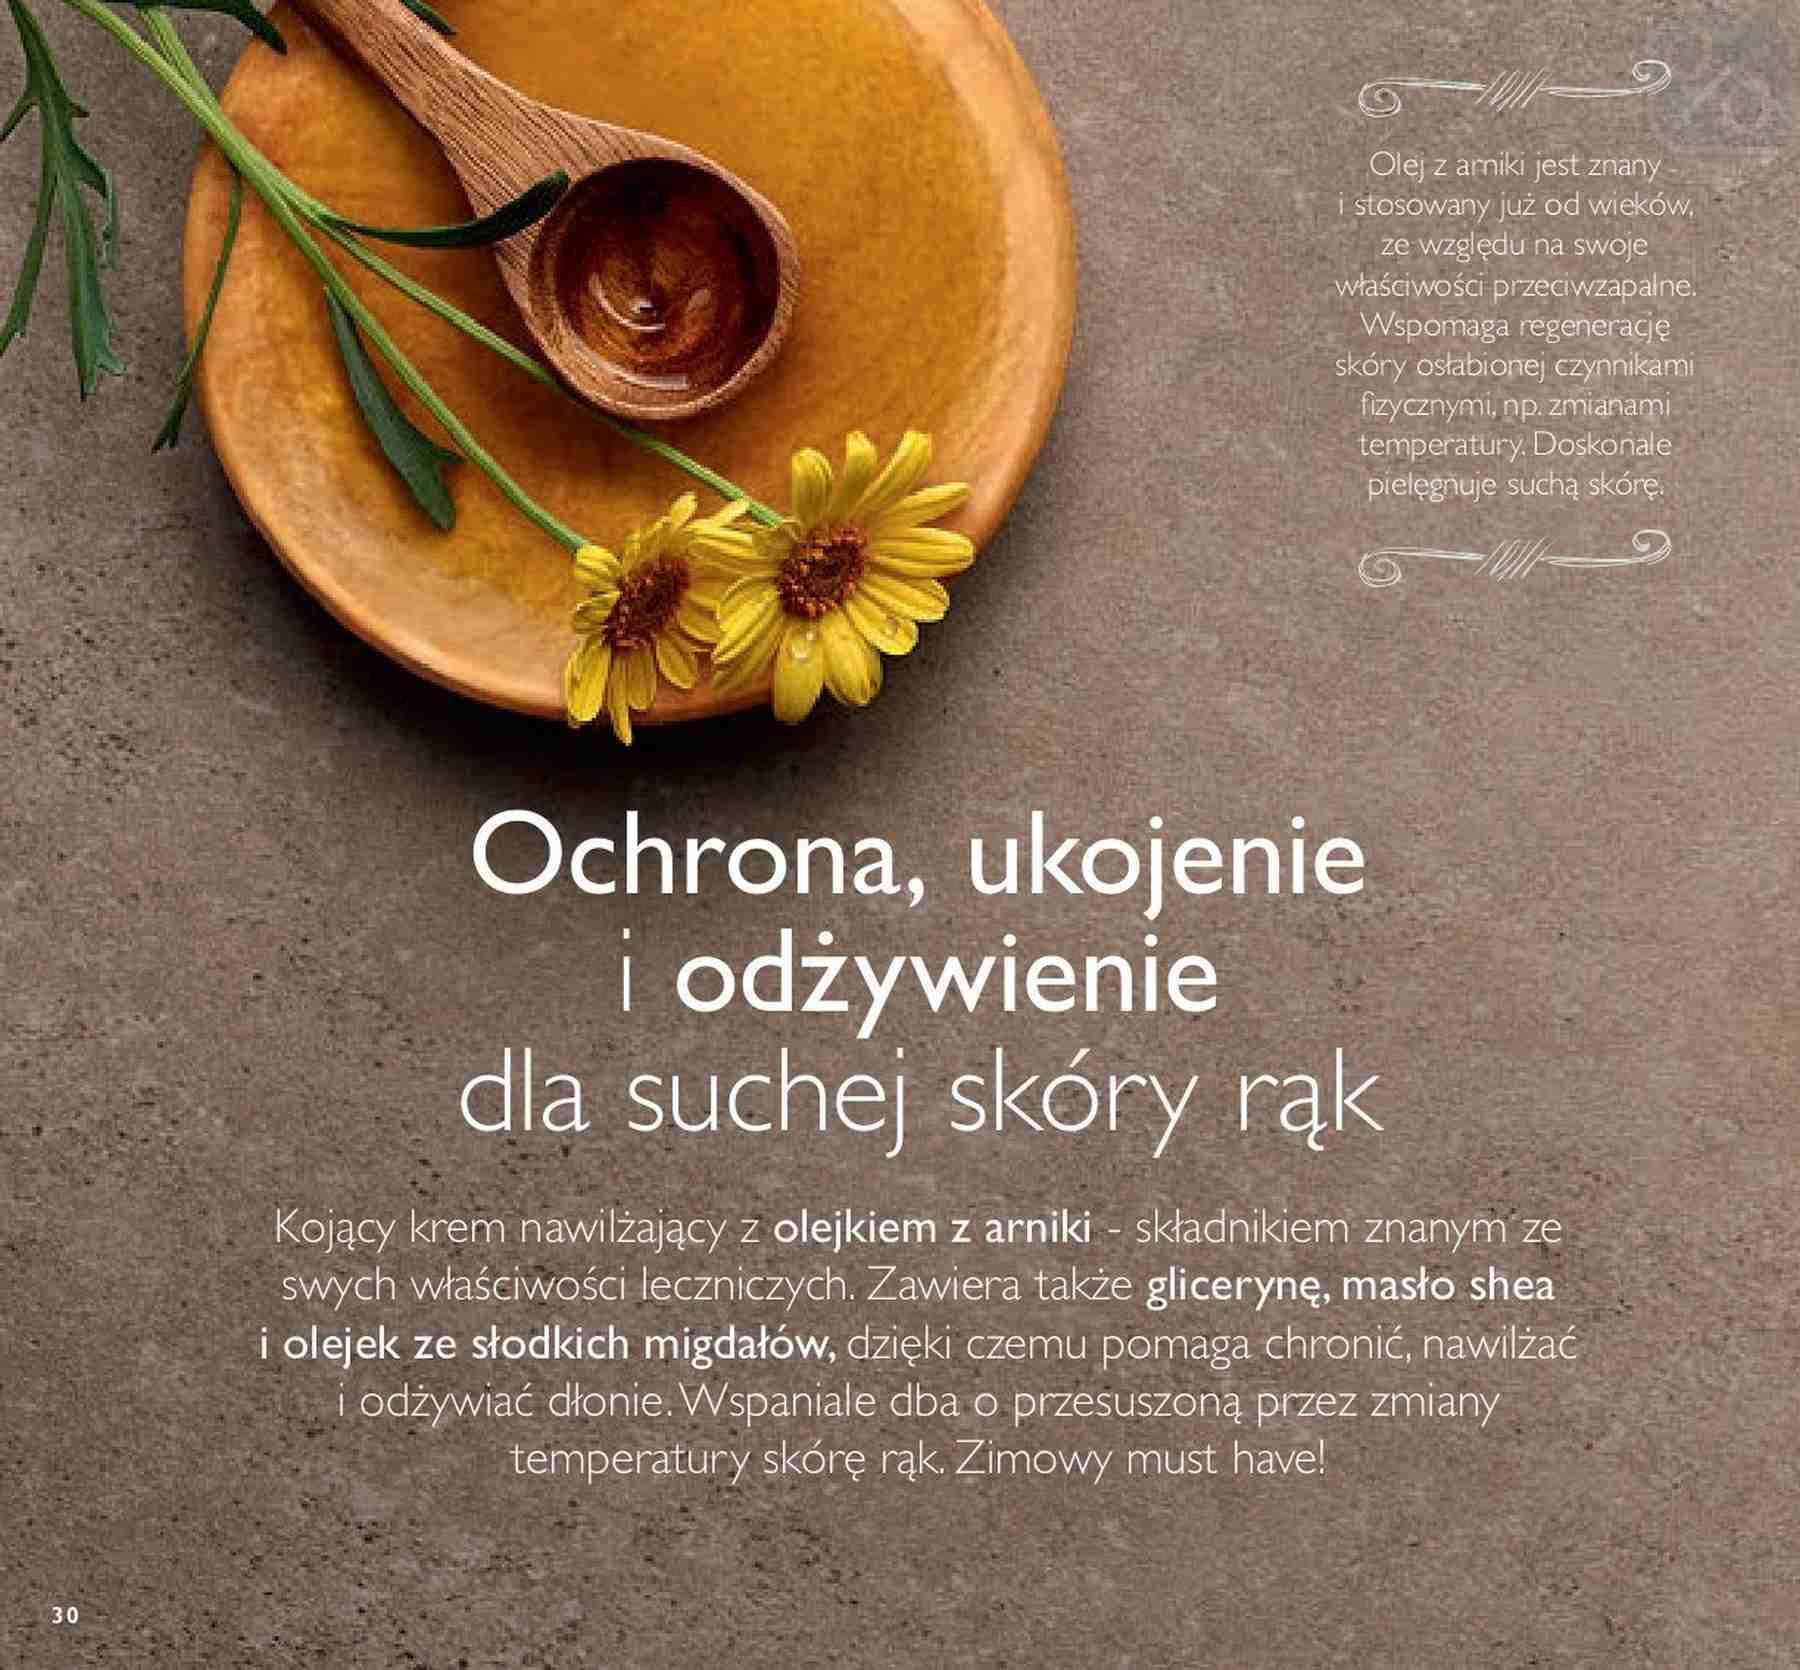 Gazetka promocyjna Oriflame do 14/01/2019 str.29